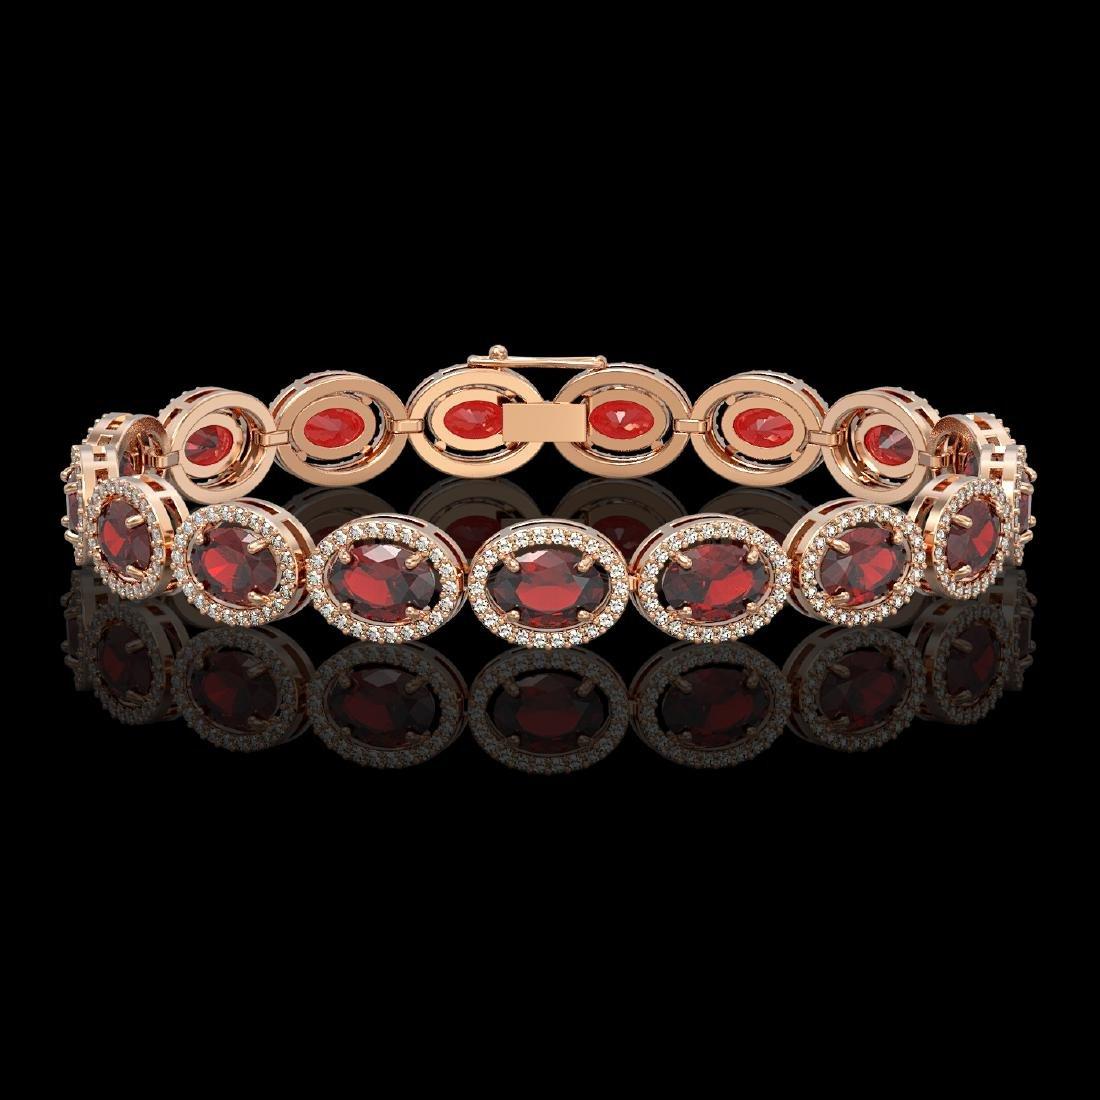 21.98 CTW Garnet & Diamond Halo Bracelet 10K Rose Gold